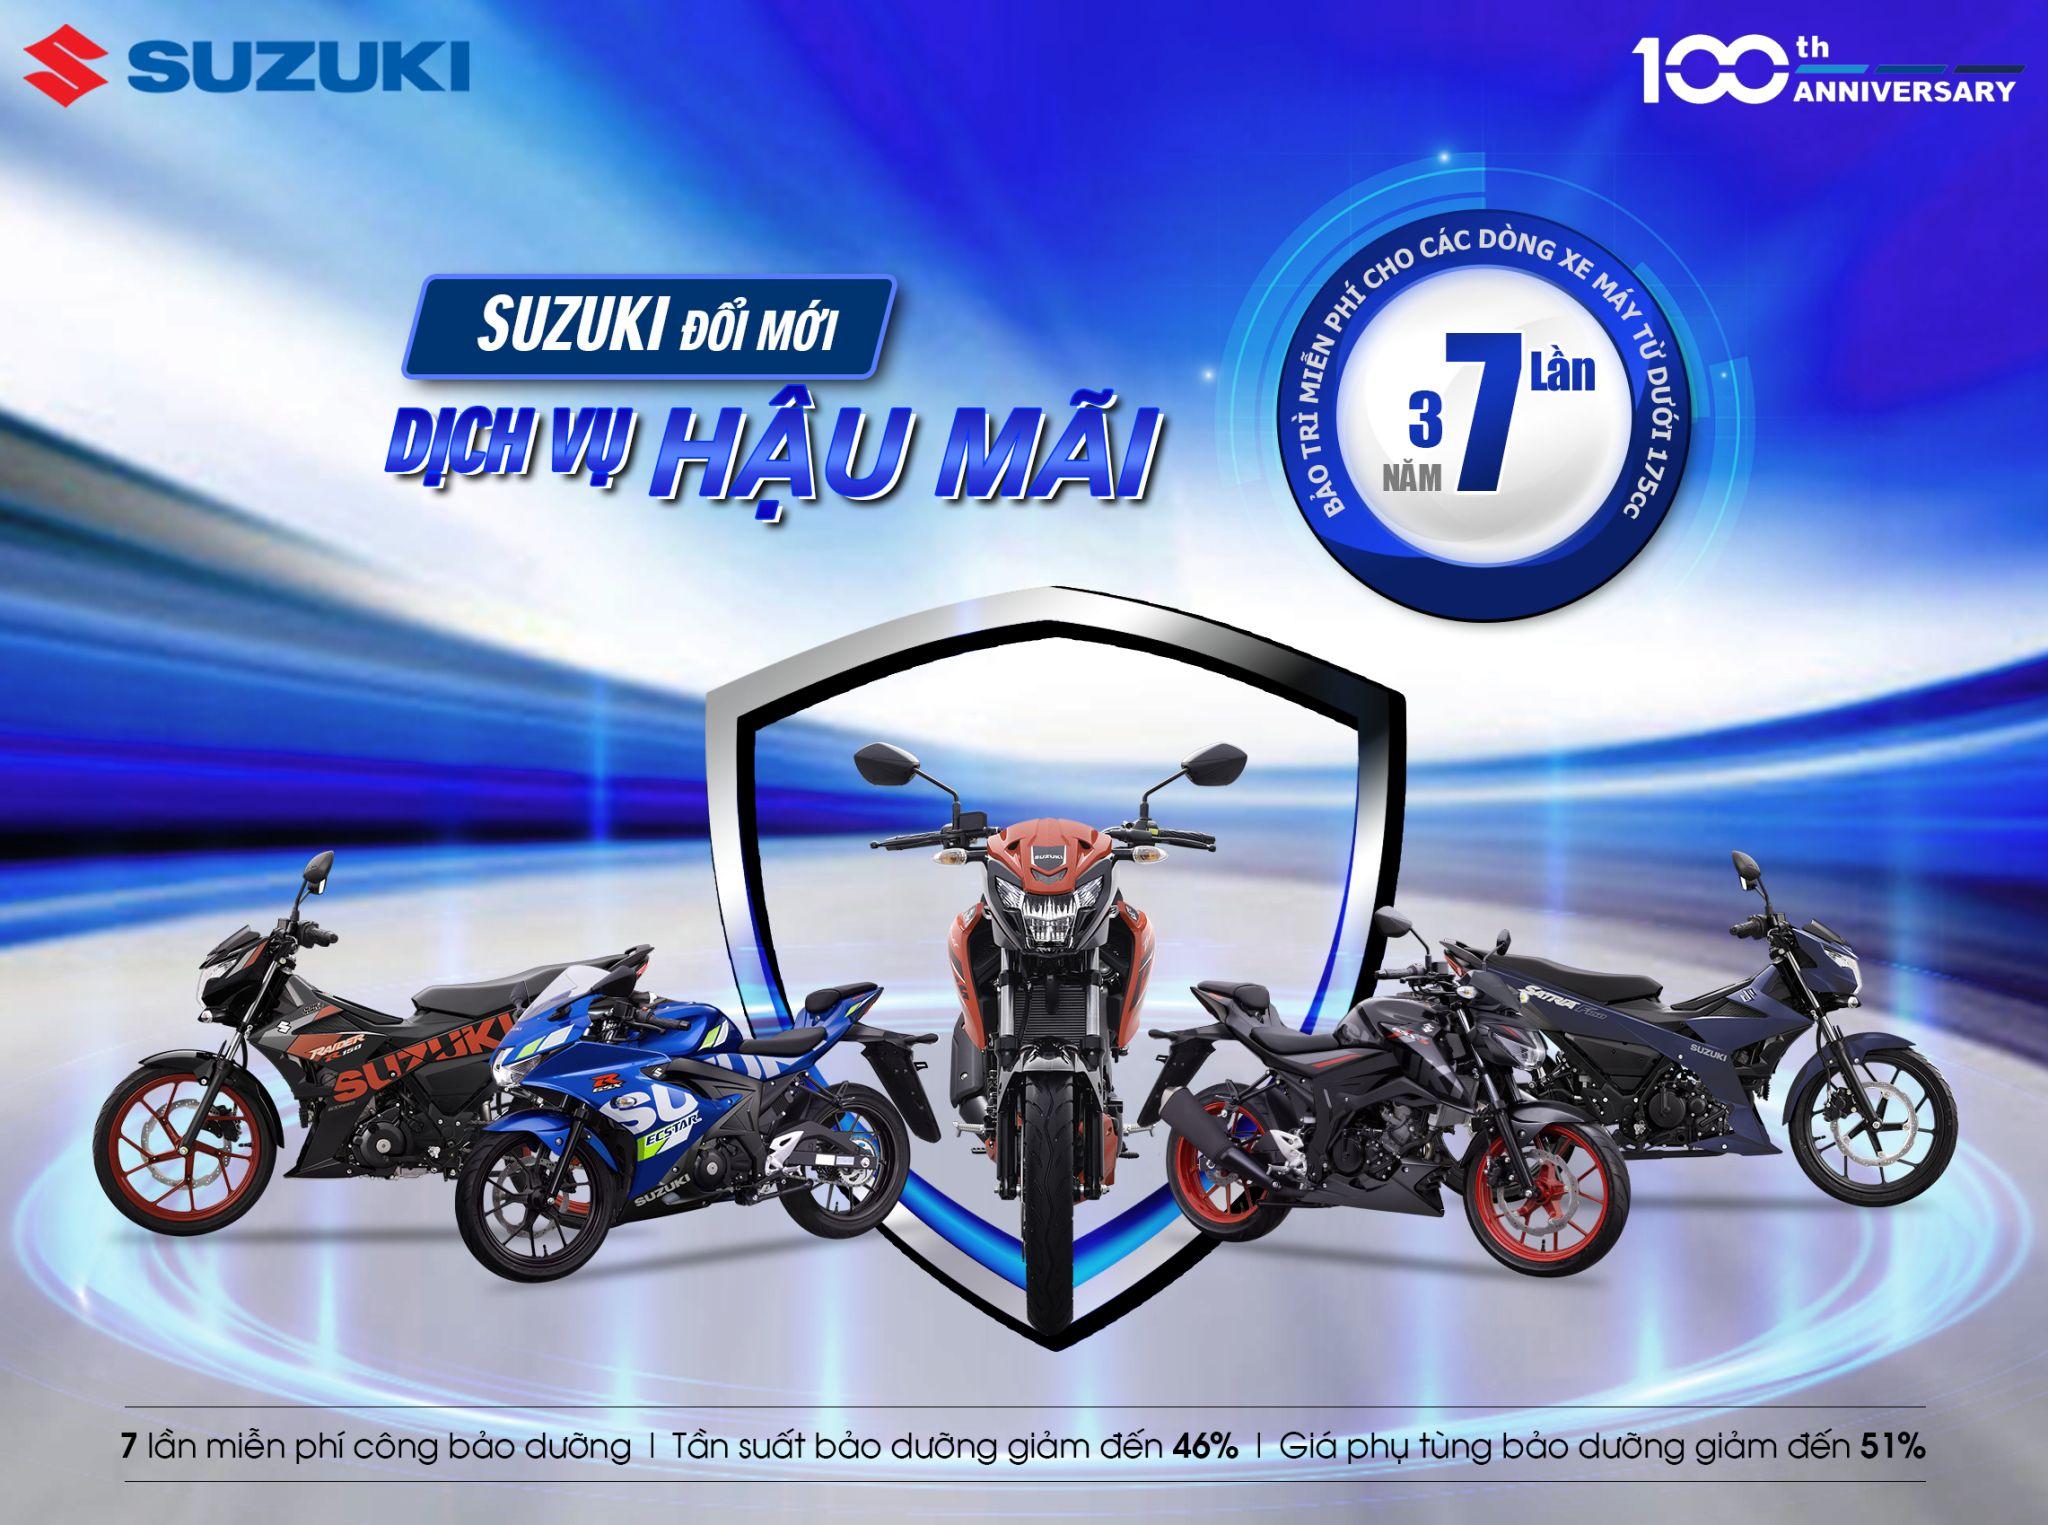 Ngoài Satria F150, Suzuki sẽ nhập chính hãng nhiều mẫu xe khác về Việt Nam?